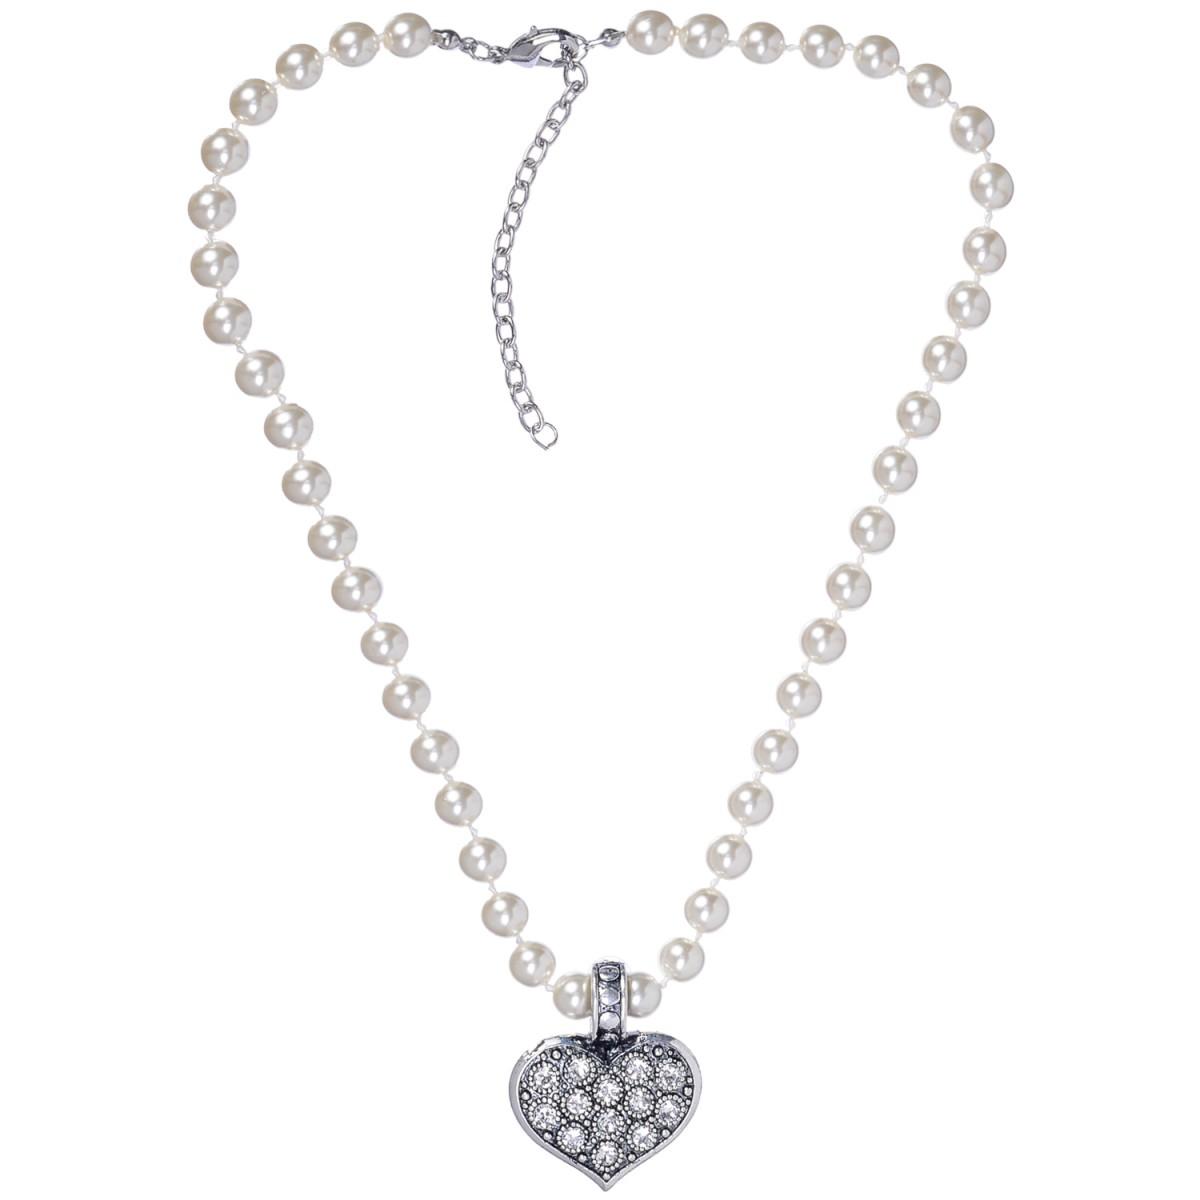 Perlenkette mit Herzanhänger in Weiß von Schlick Accessoires günstig online kaufen